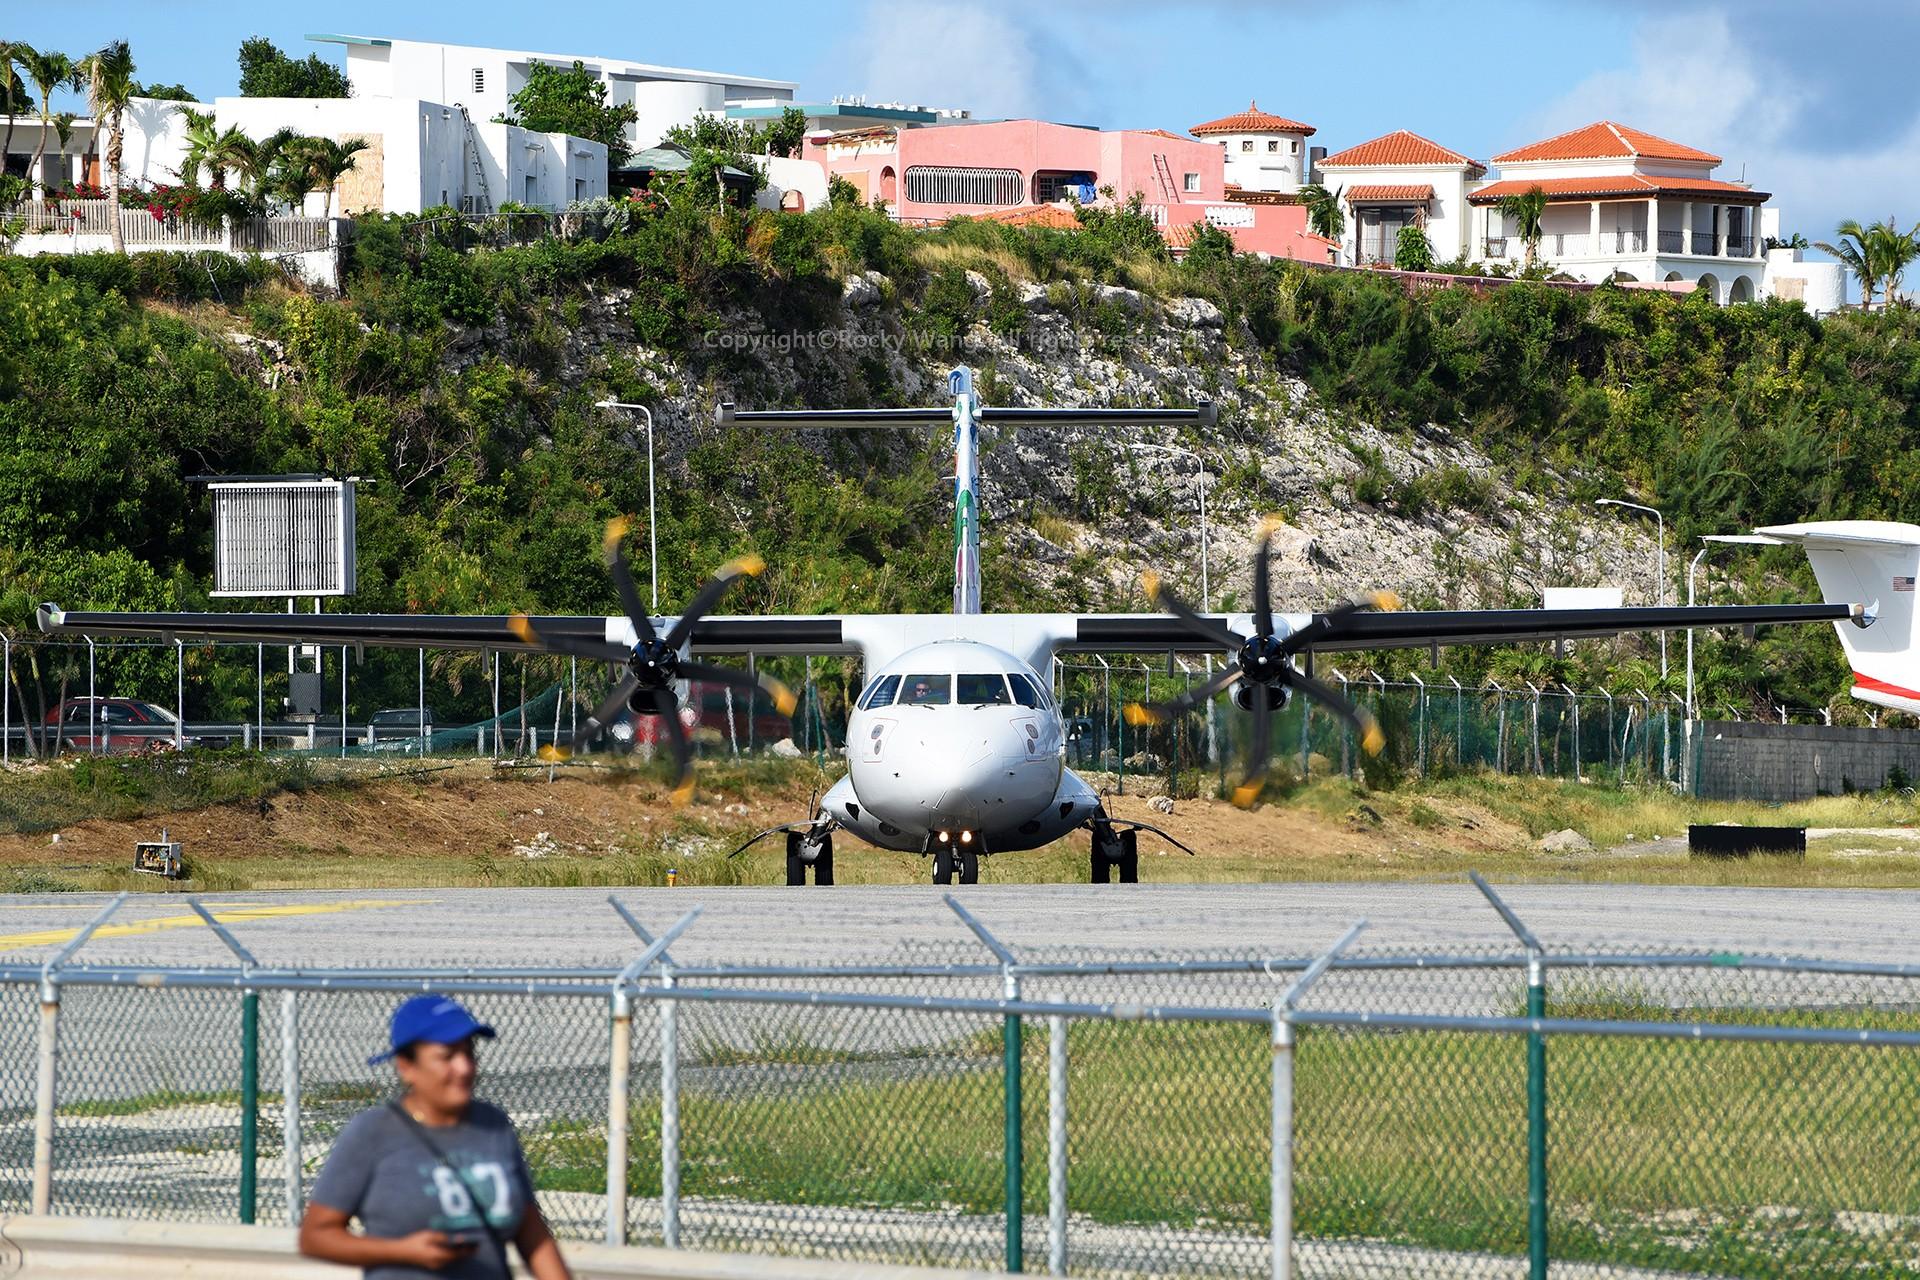 Re:[原创]My endless Caribbean dream——圣马丁朱莉安娜公主机场拍机记 ATR 42-500 F-OIXH 荷属安的列斯群岛朱利安娜公主机场